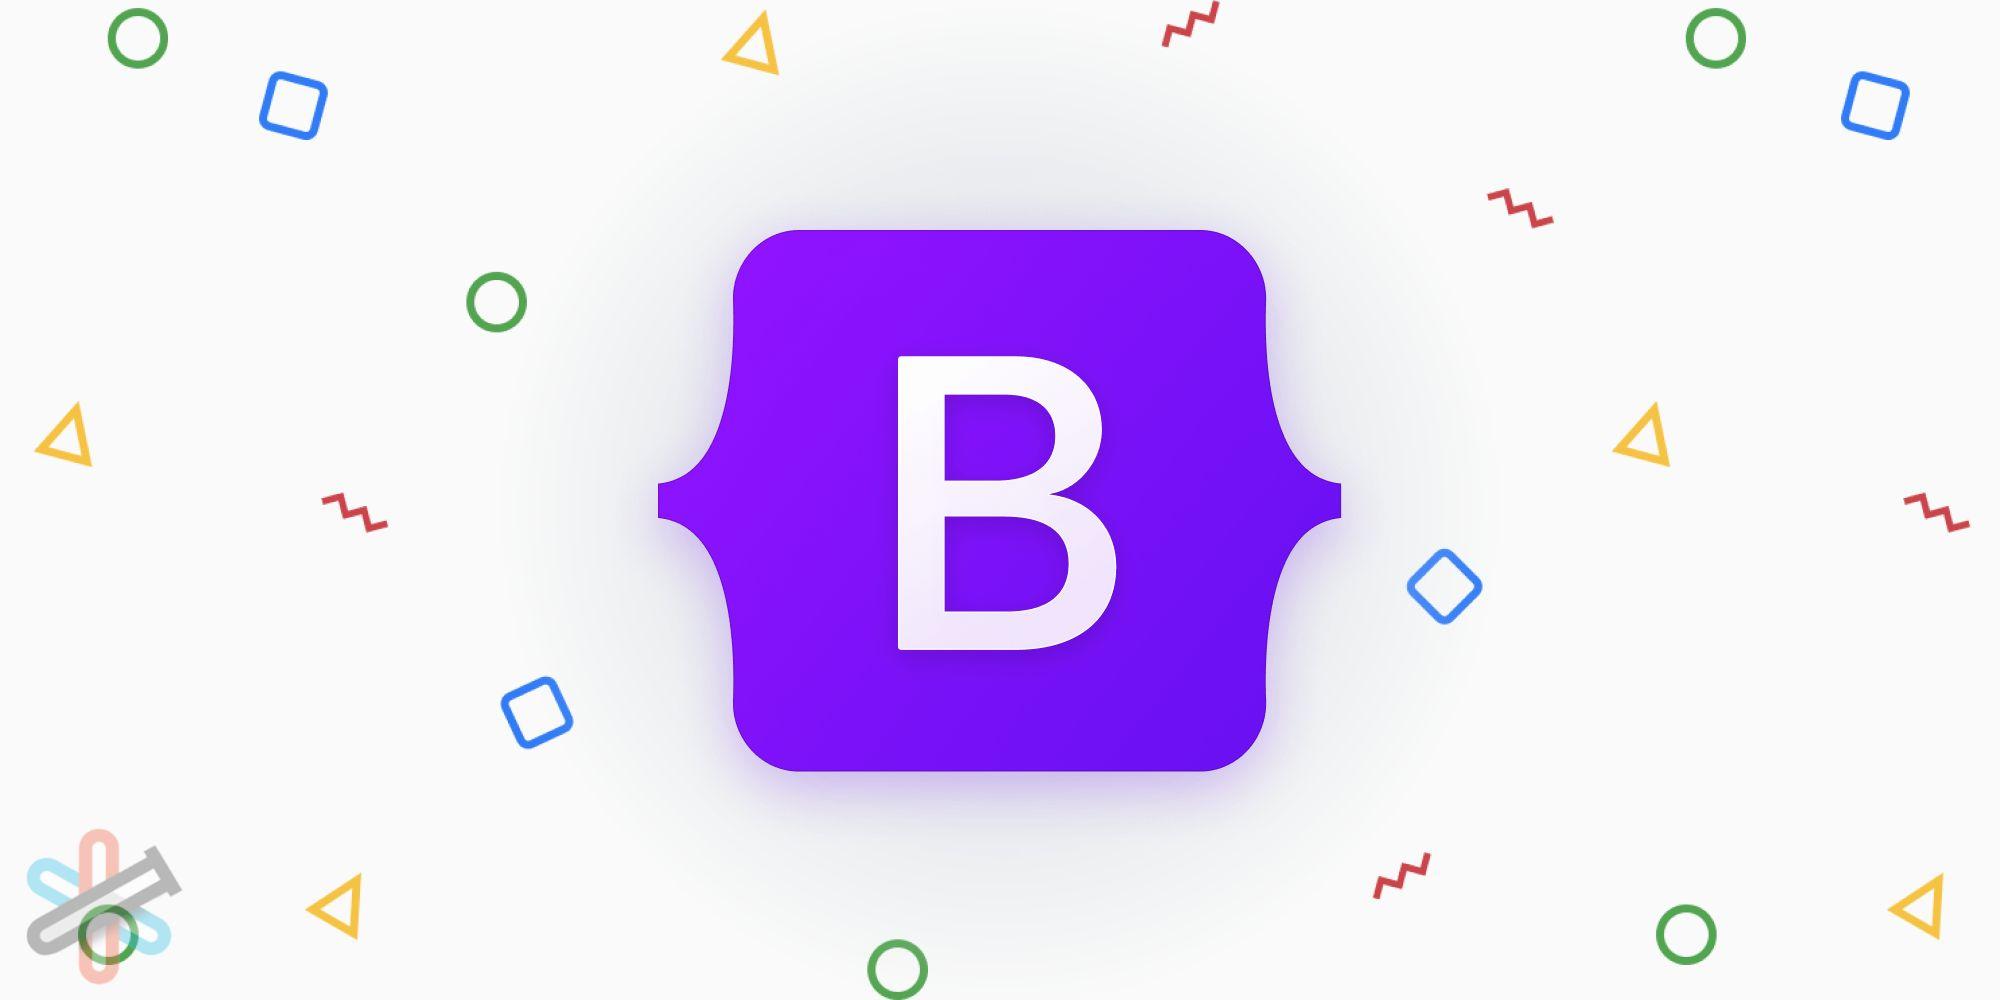 دانلود کتابخانه آیکون های Bootstrap Icons 1